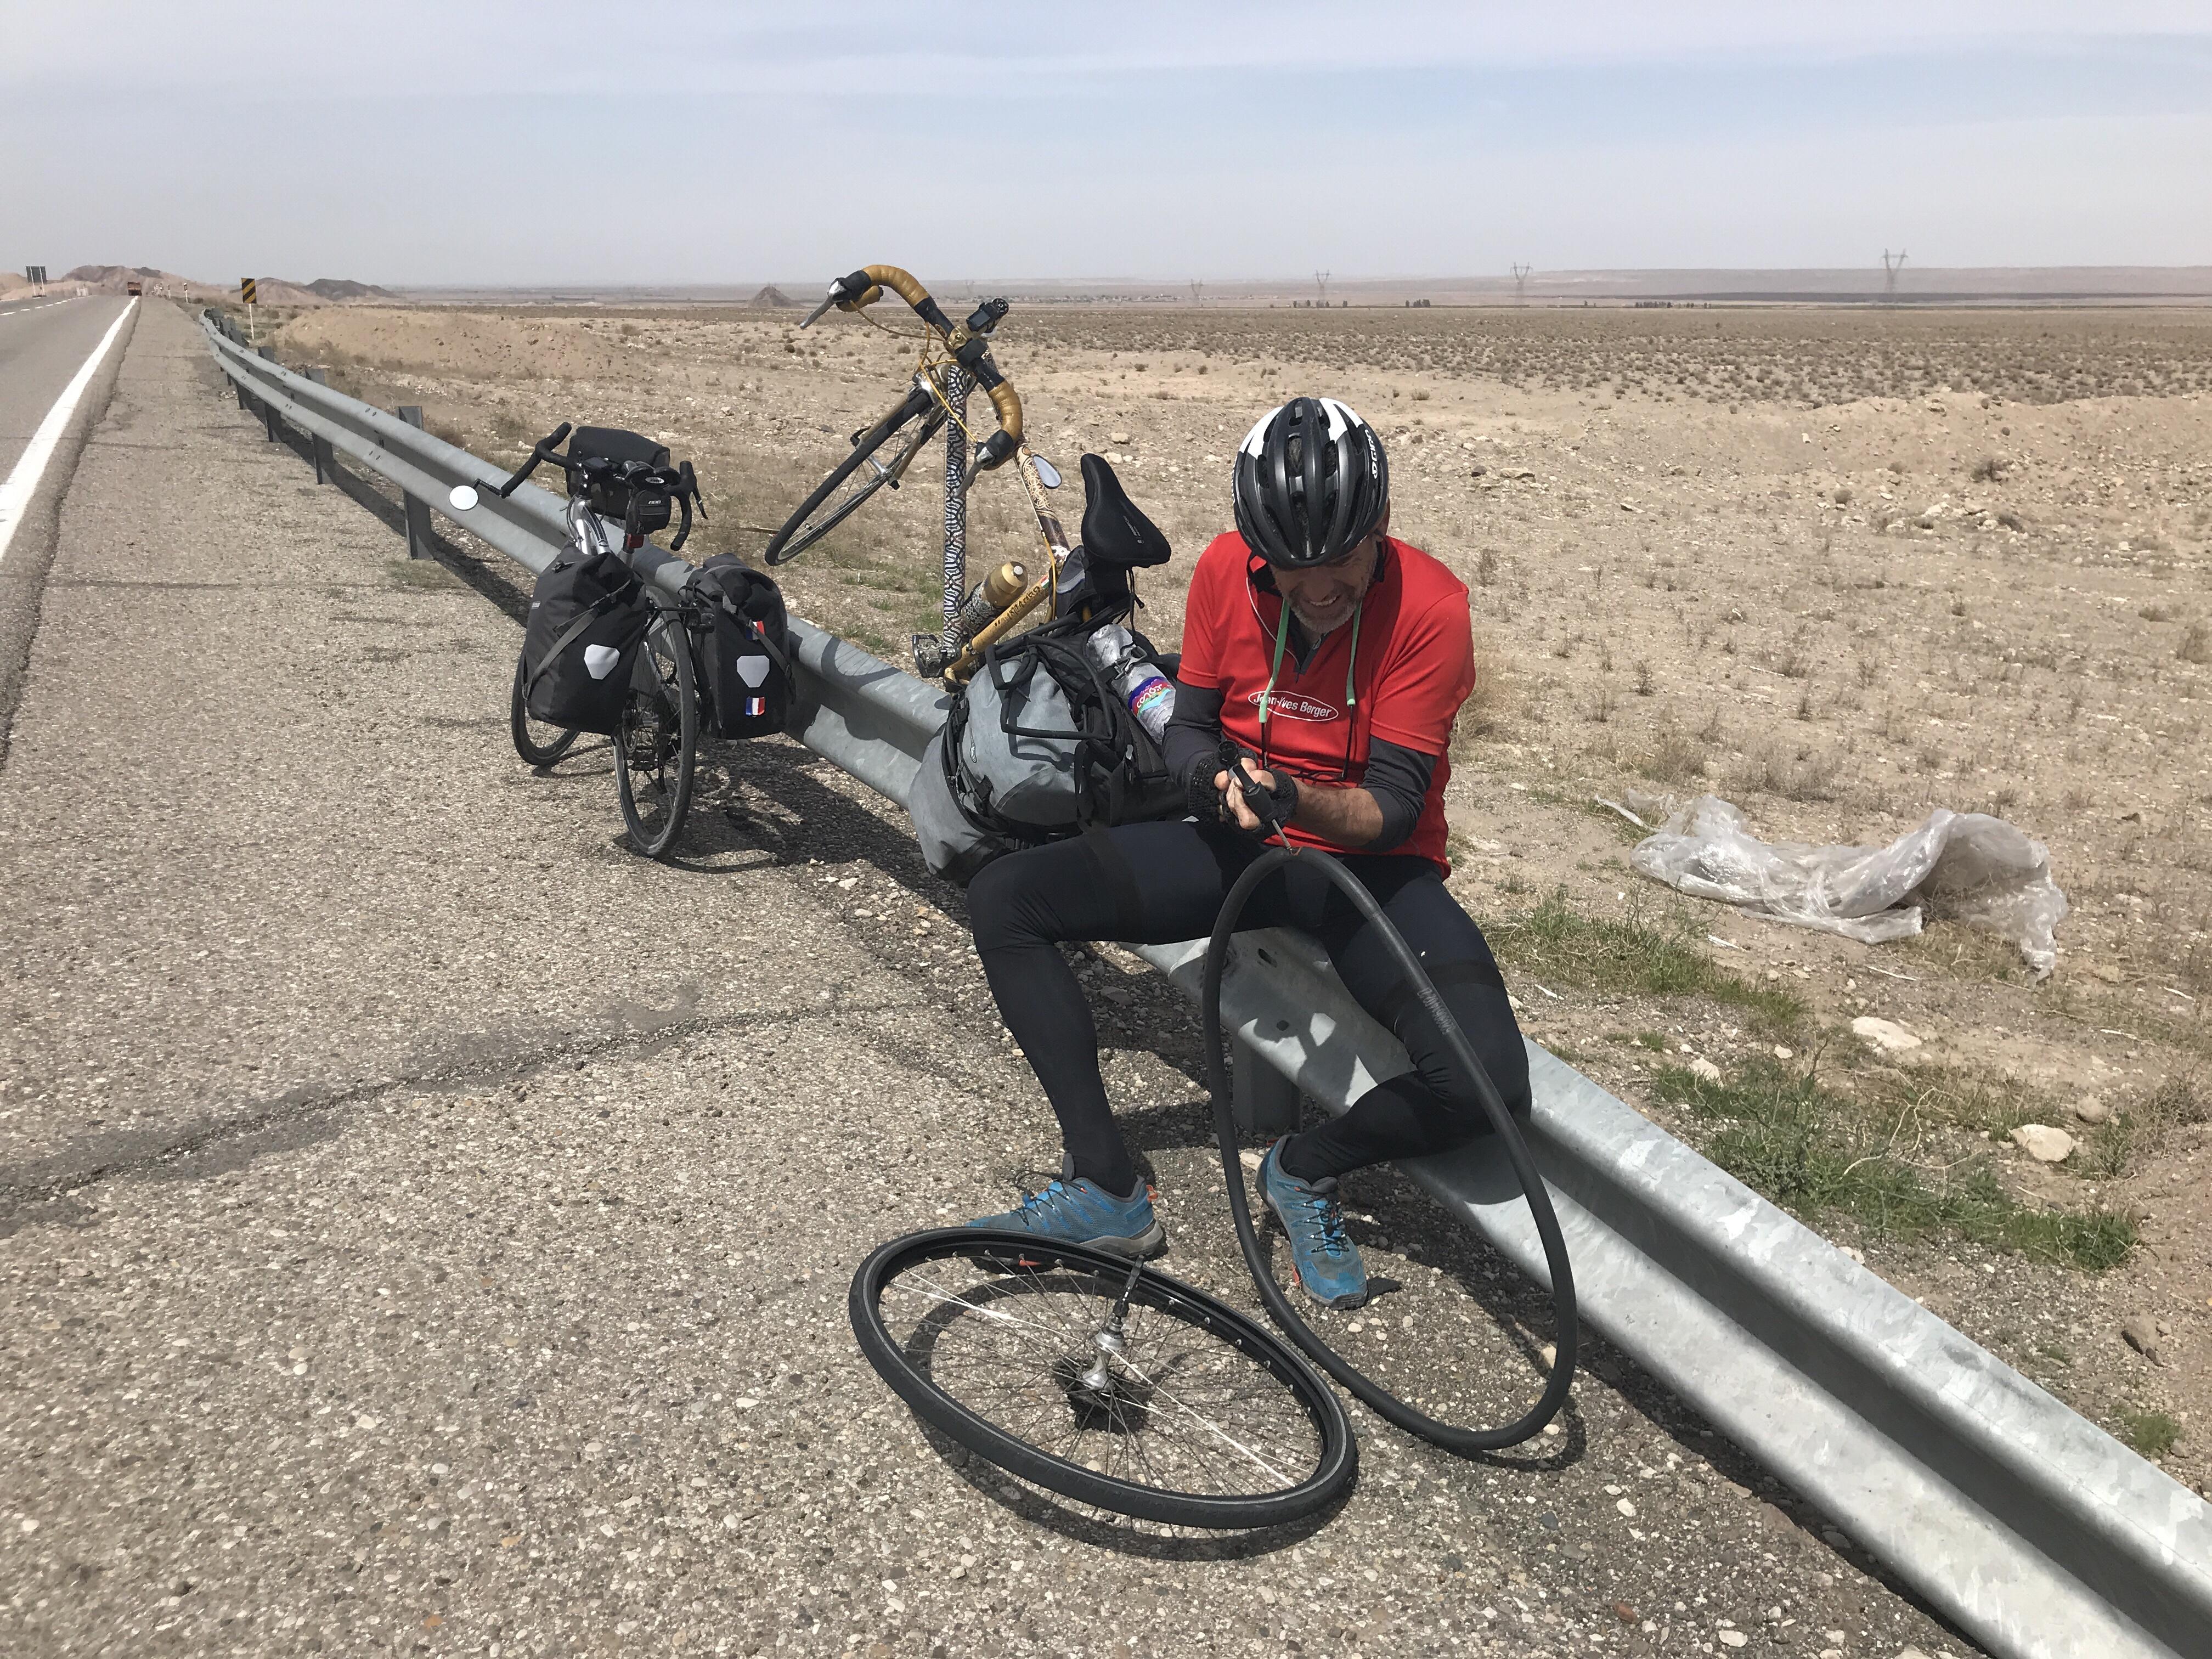 De Kashan à Qom 105 km de désert vent de face.